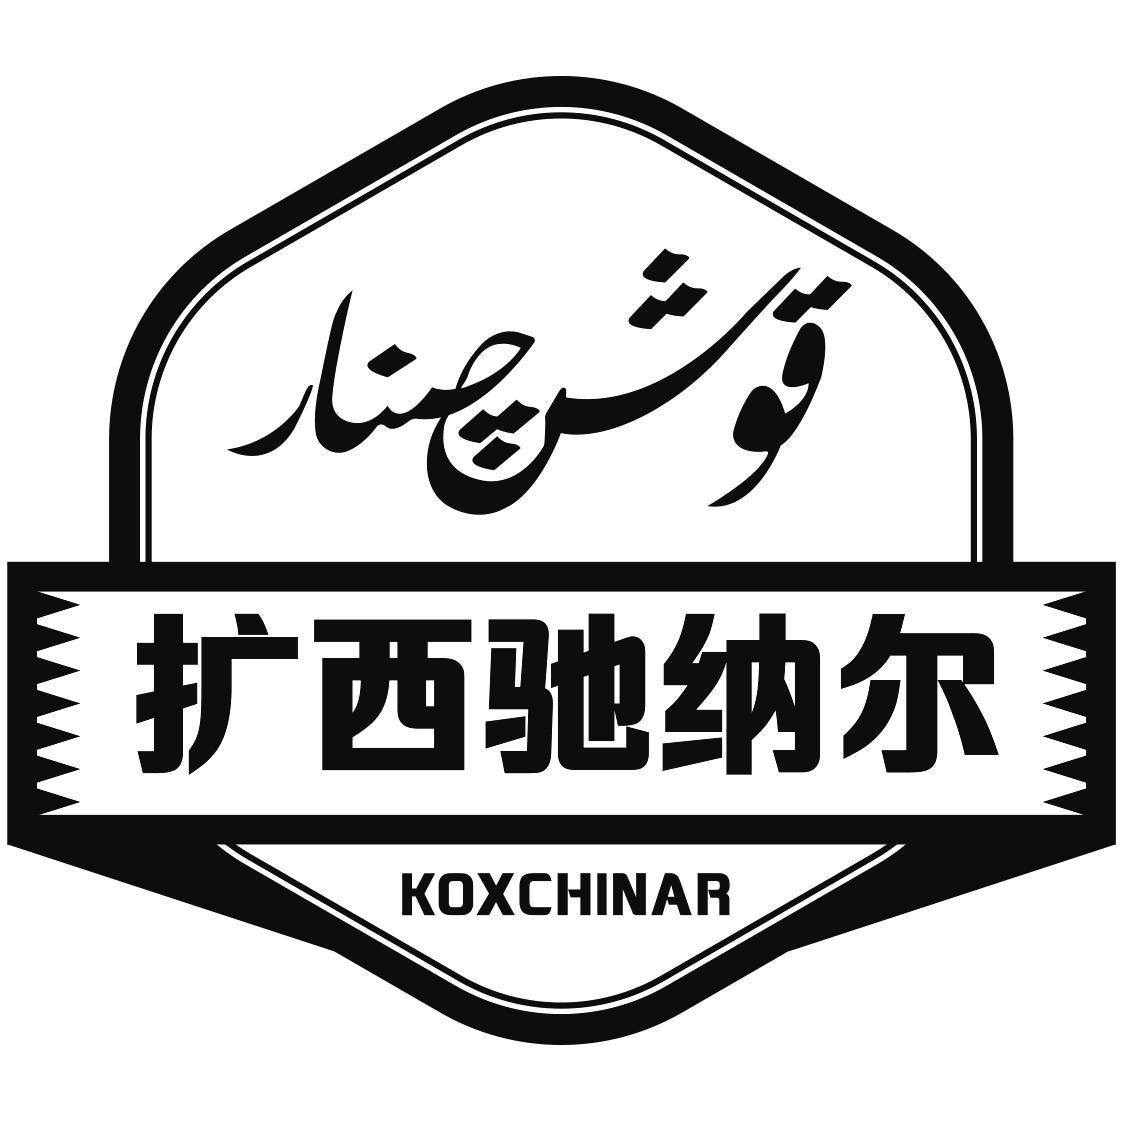 商标文字扩西驰纳尔 KOXCHINAR商标注册号 32644253、商标申请人买买提依明?阿布都拉的商标详情 - 标库网商标查询